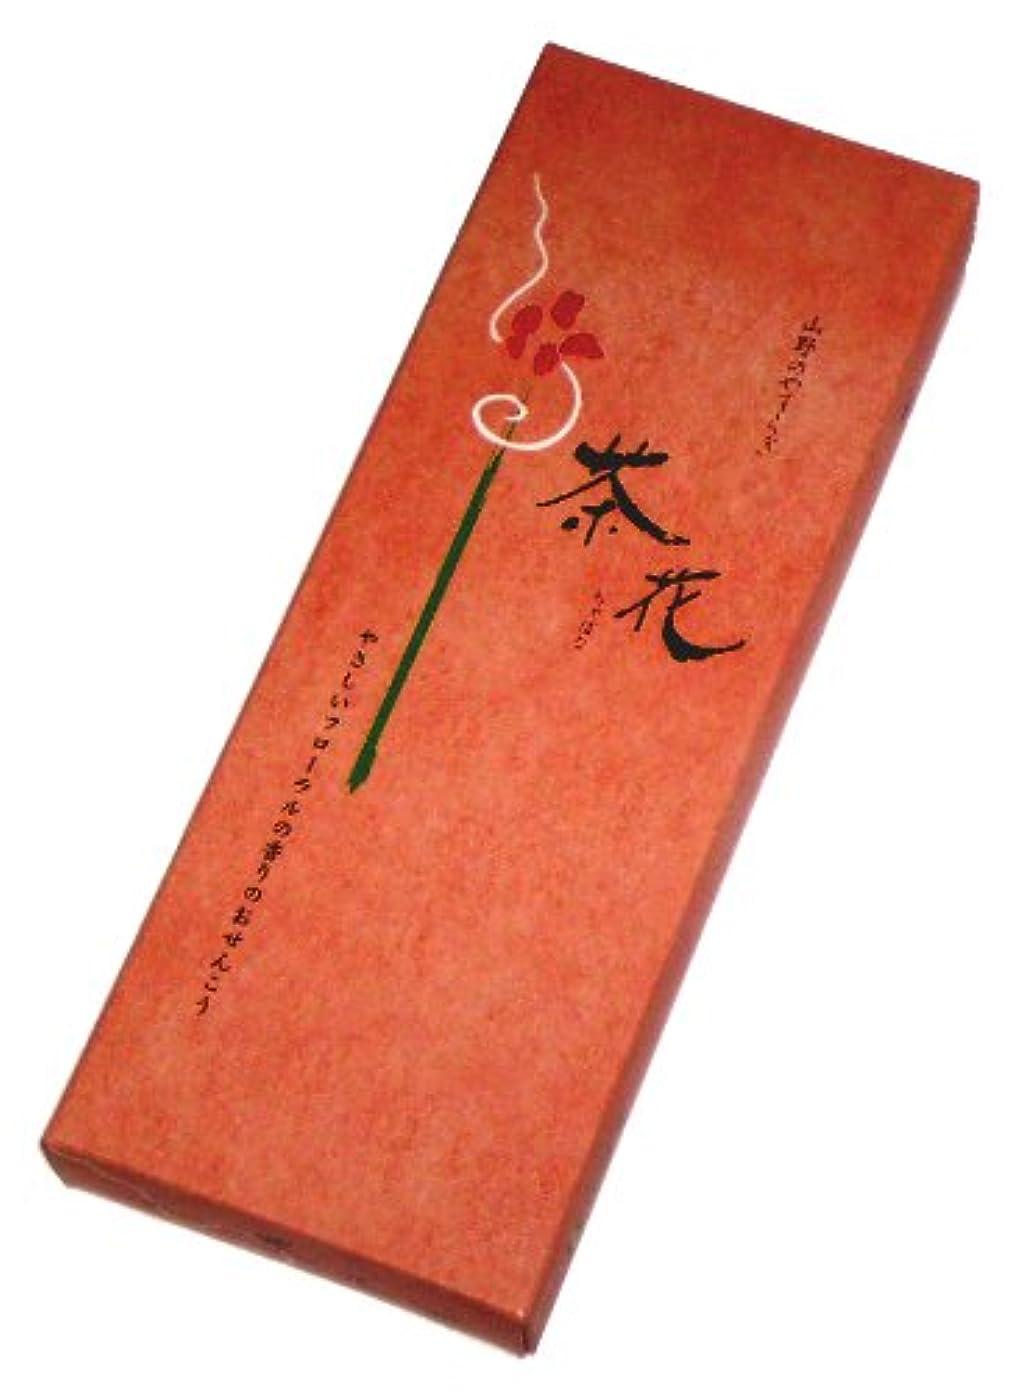 財布のれんヒロイック尚林堂のお線香 茶花 有煙 長寸バラ